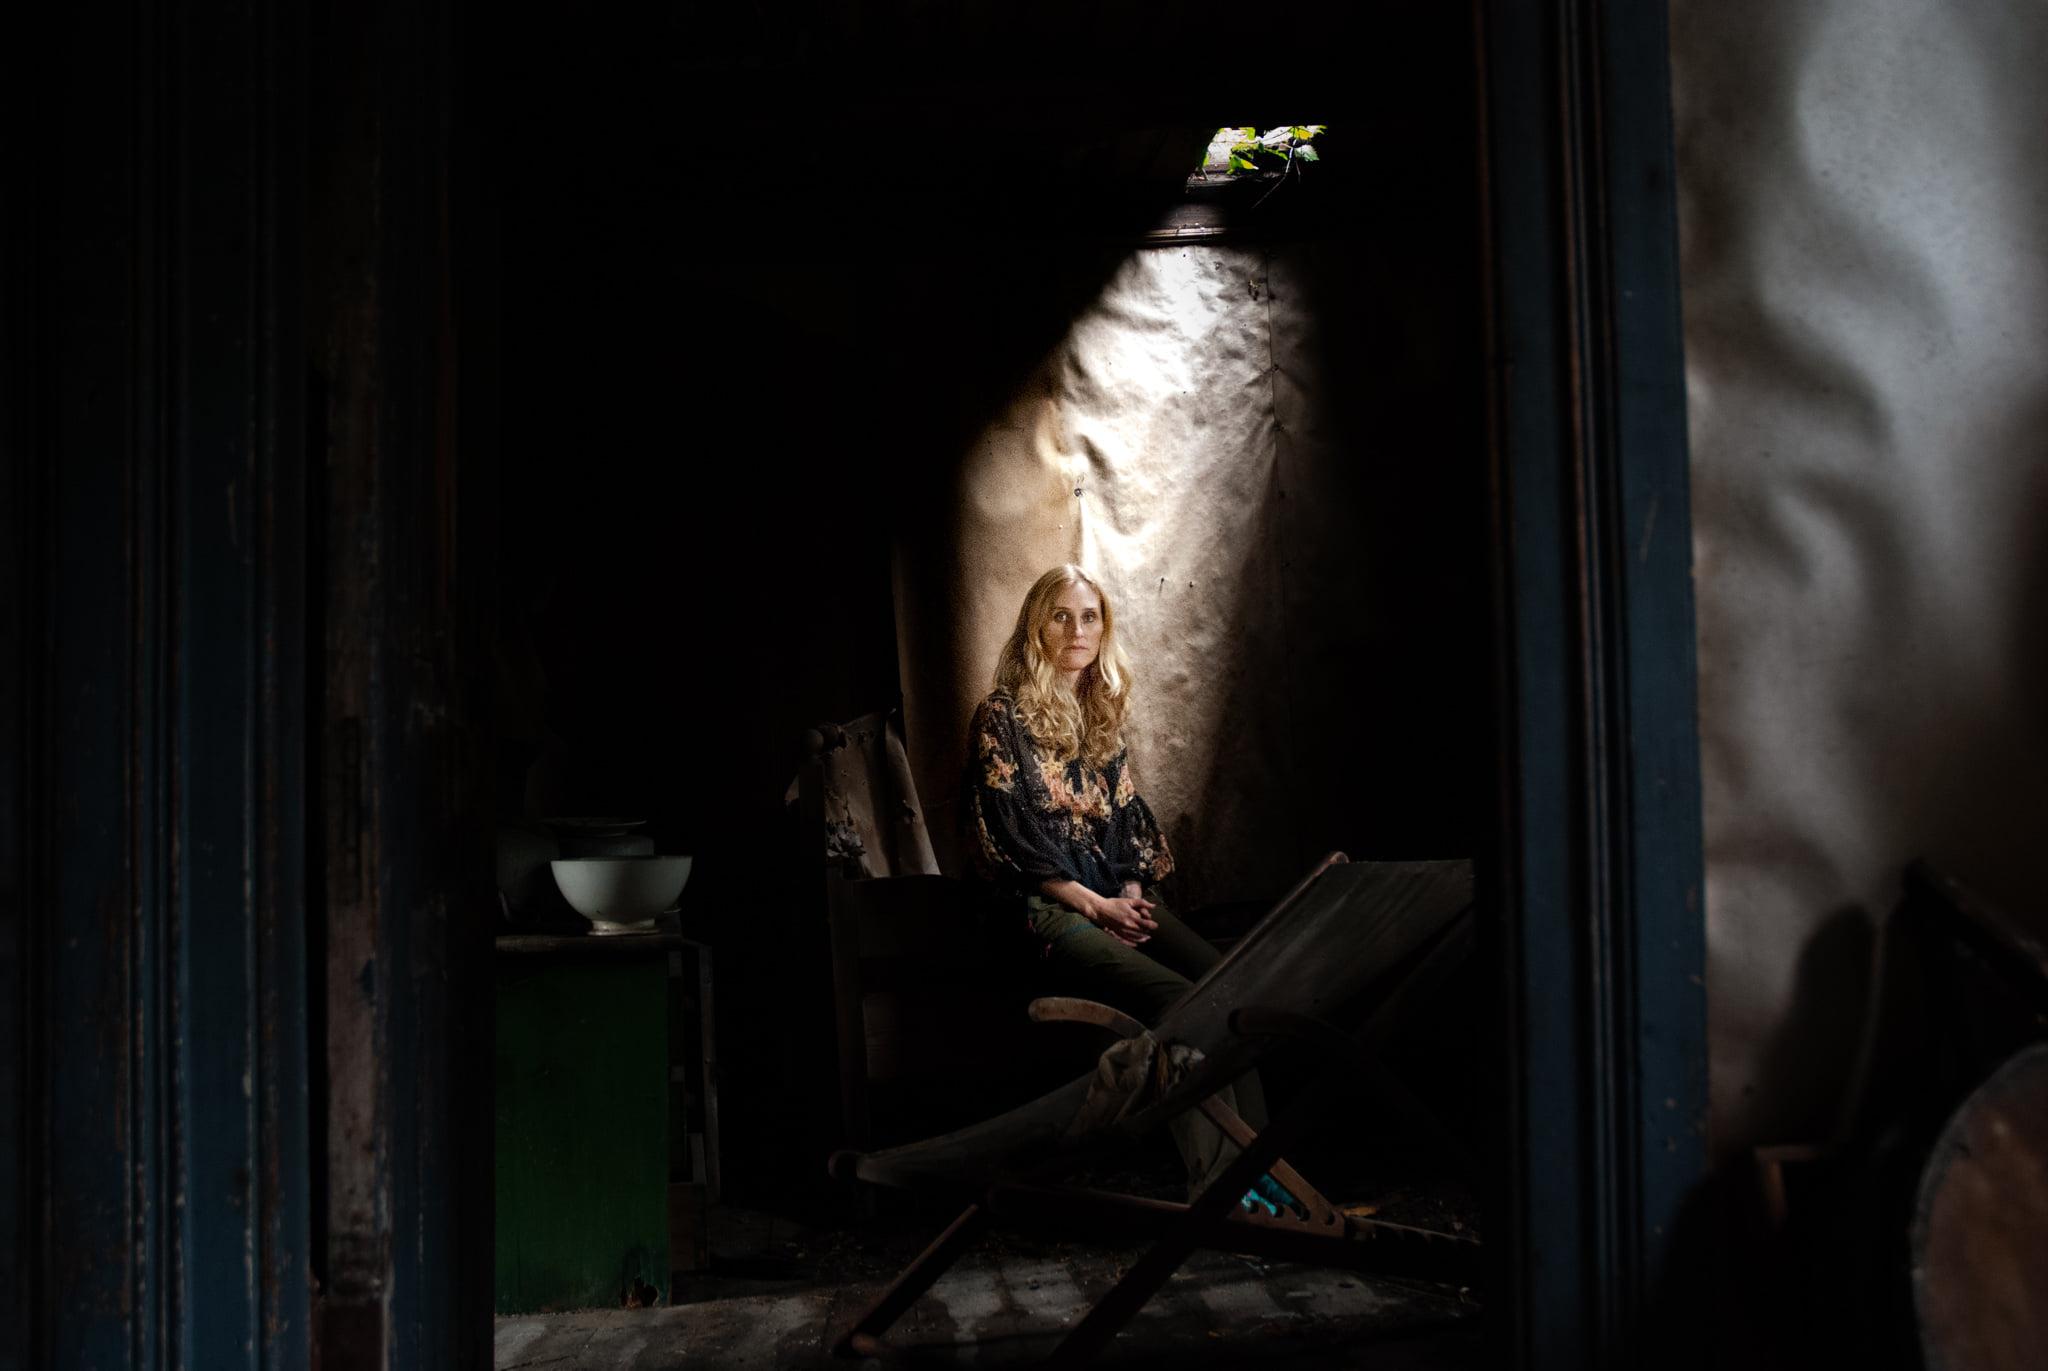 Foto: Solvor Stormark - Deltager 2020